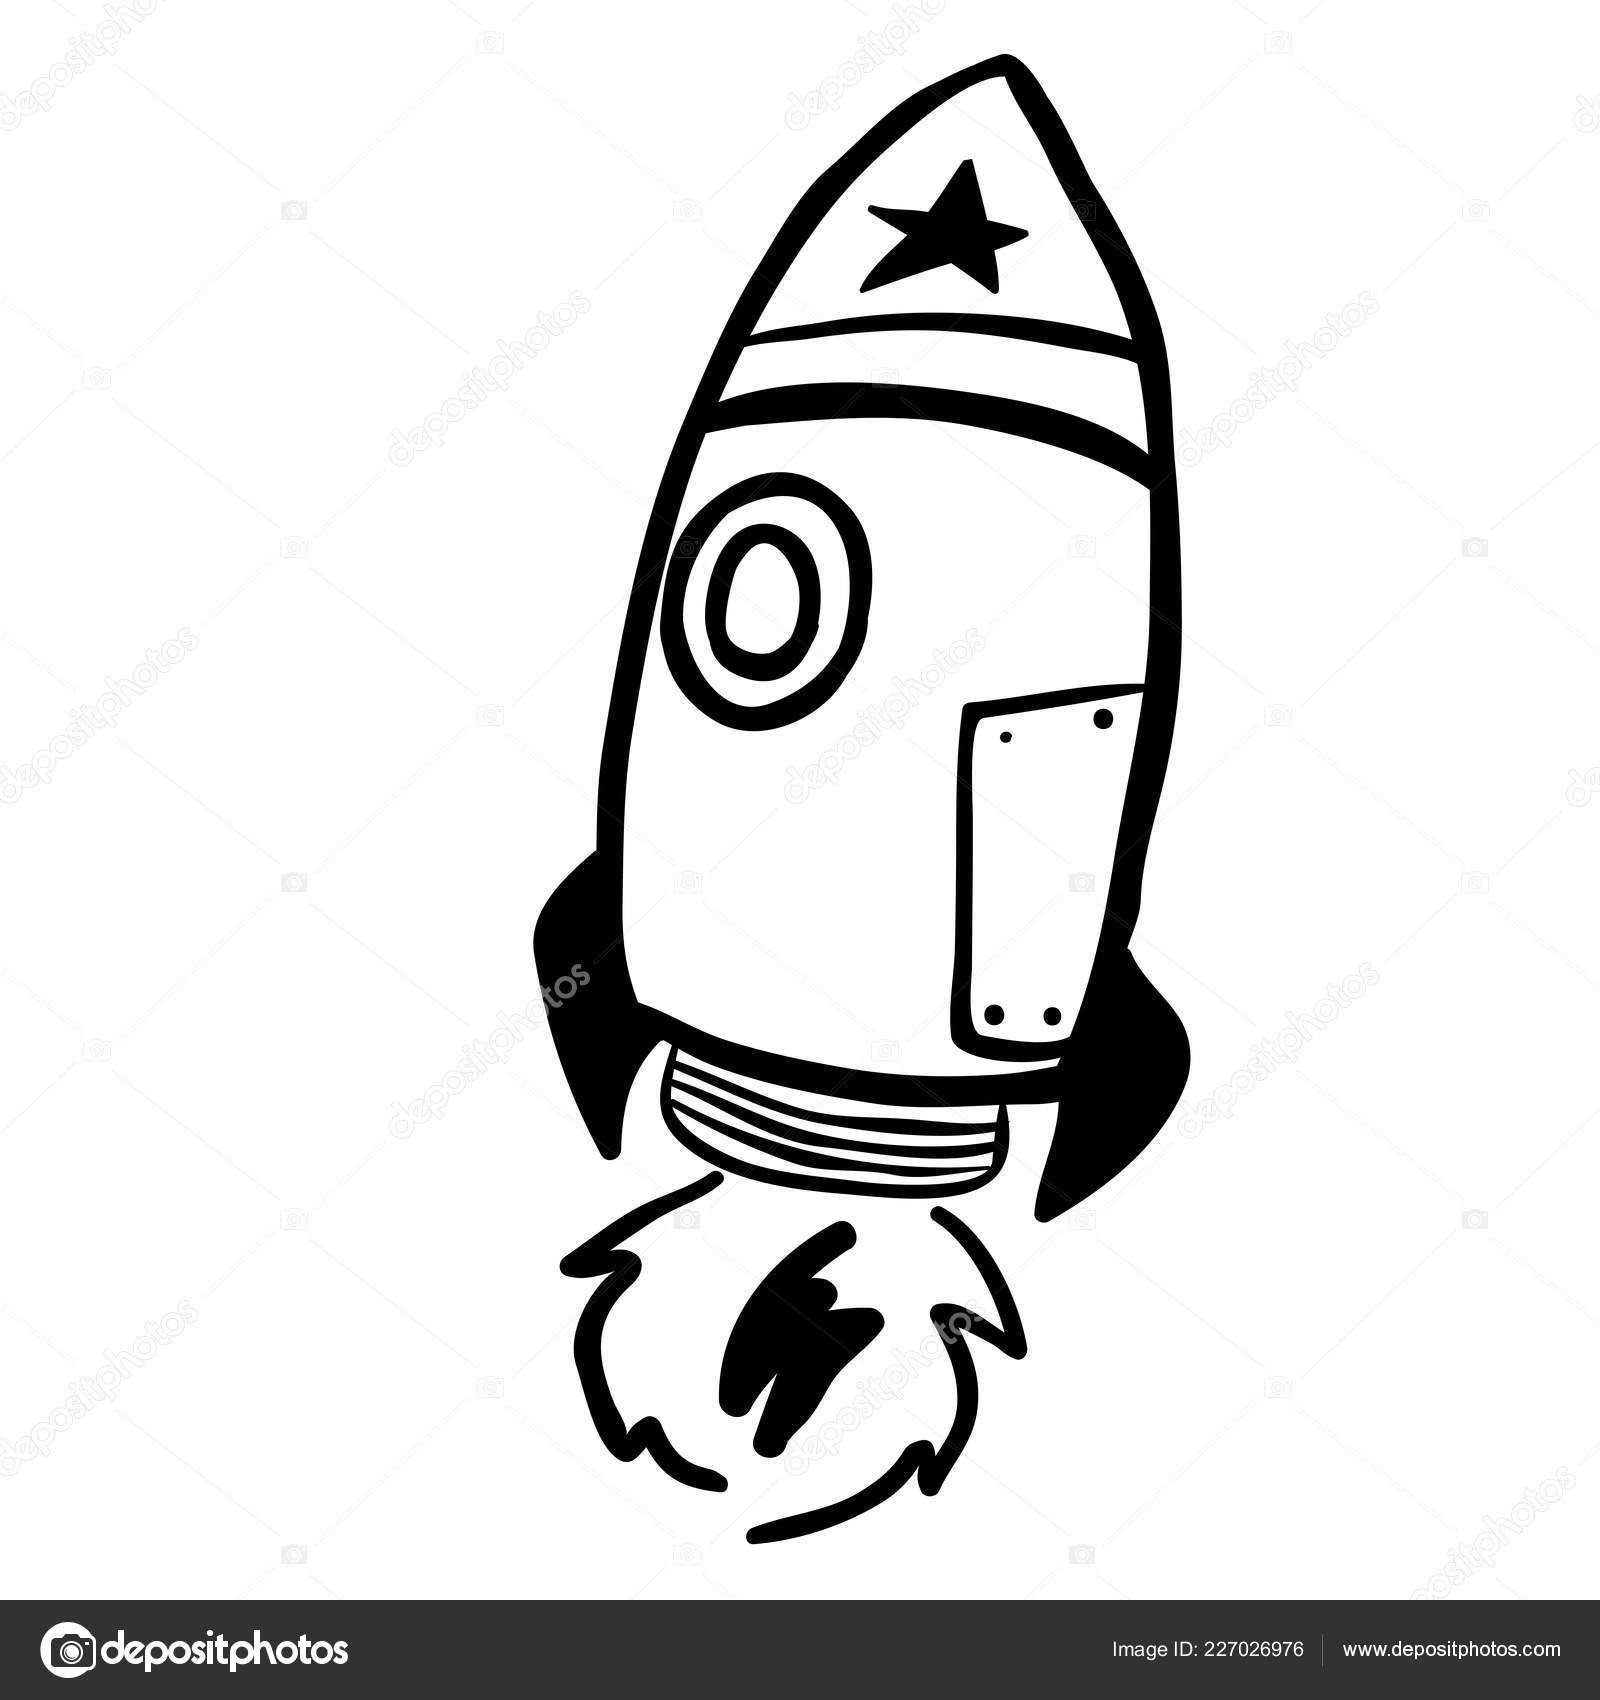 Dessin Animé Rocket Noir Blanc Simple Image Vectorielle